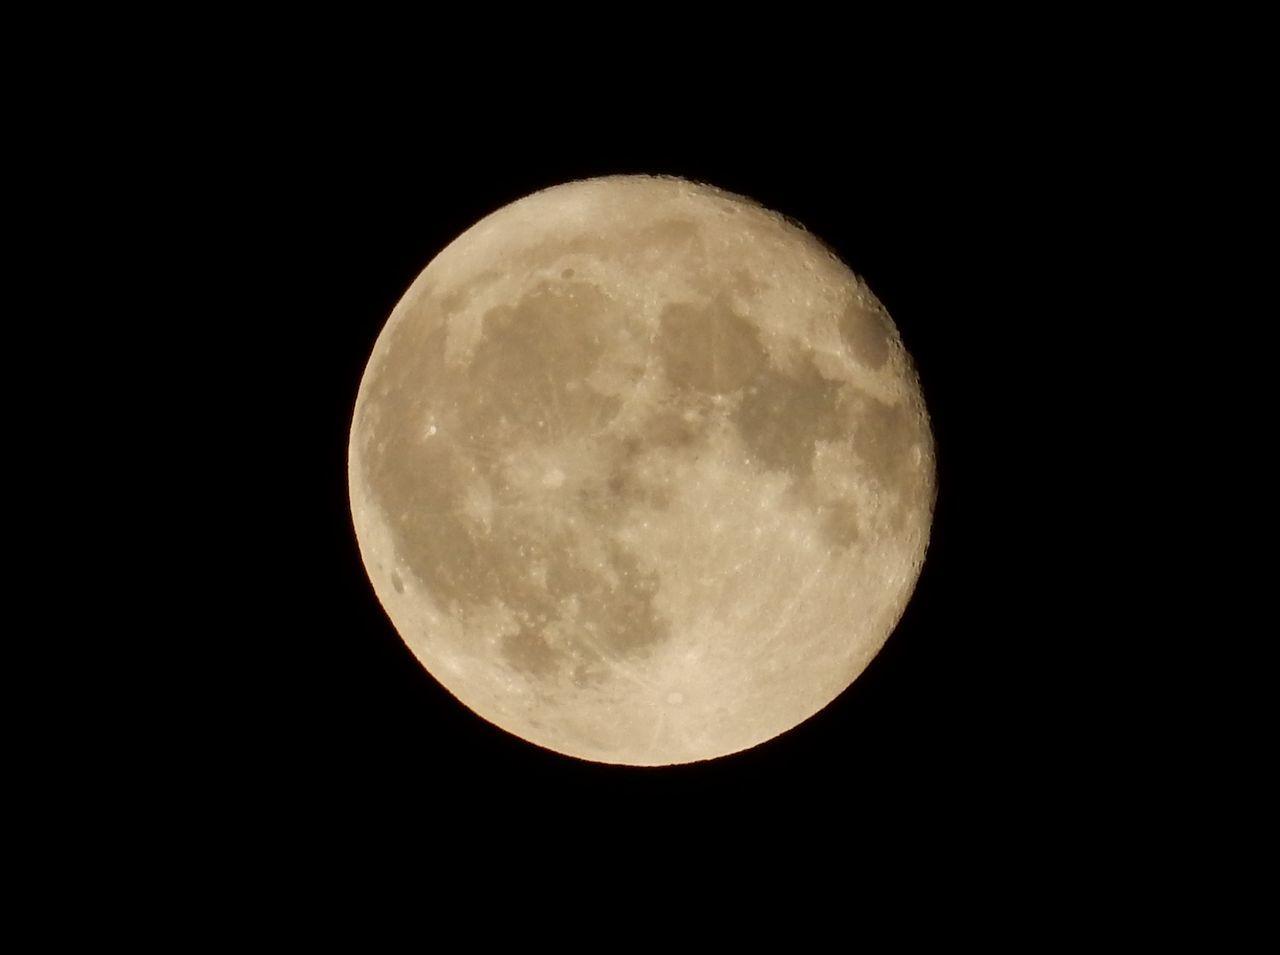 満月の昨日は見えなかった月が今日はよく見えます_c0025115_21474466.jpg